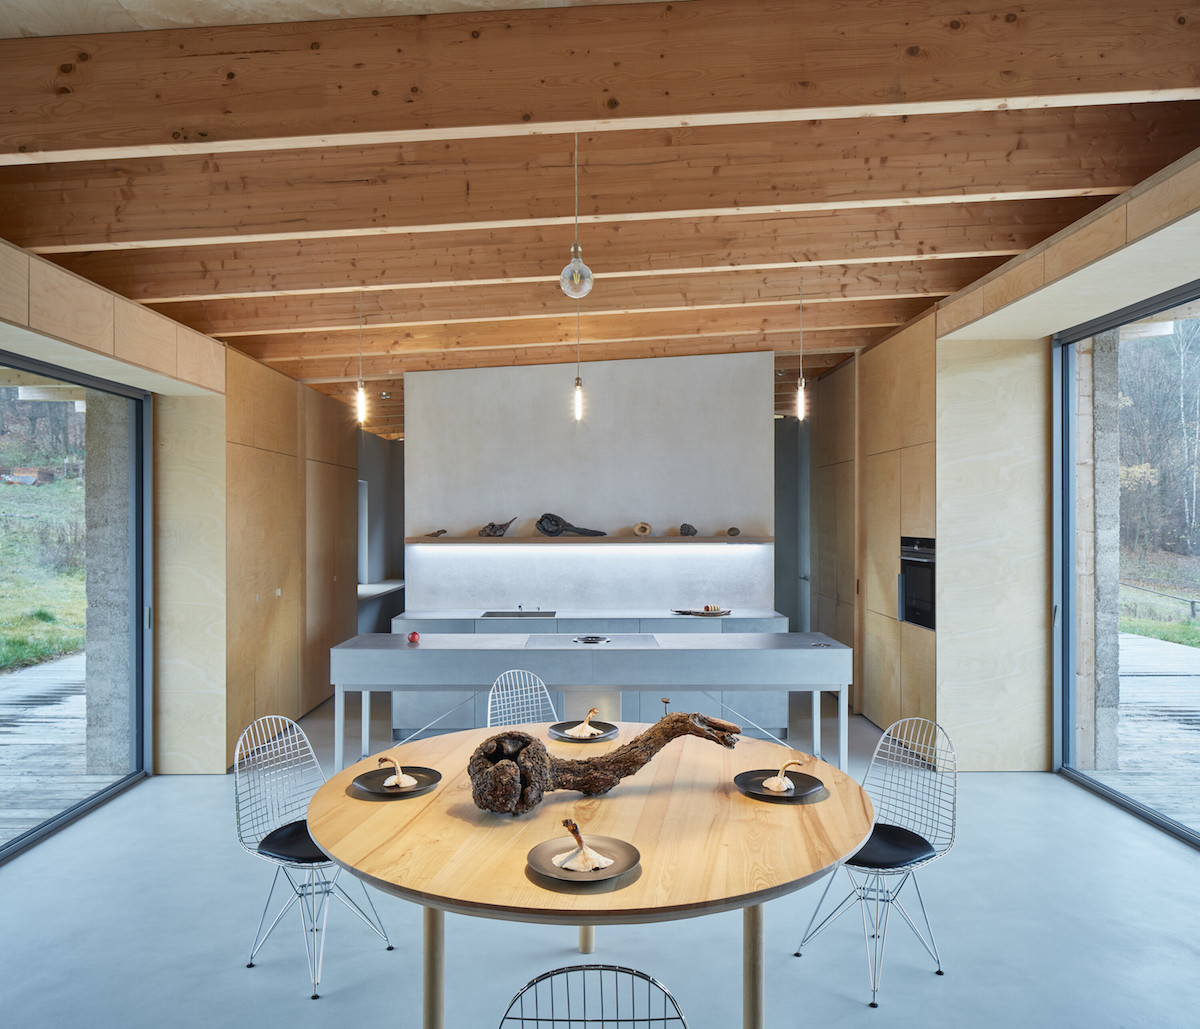 Sivá kuchyňa a jedáleň v drevenom interiéri